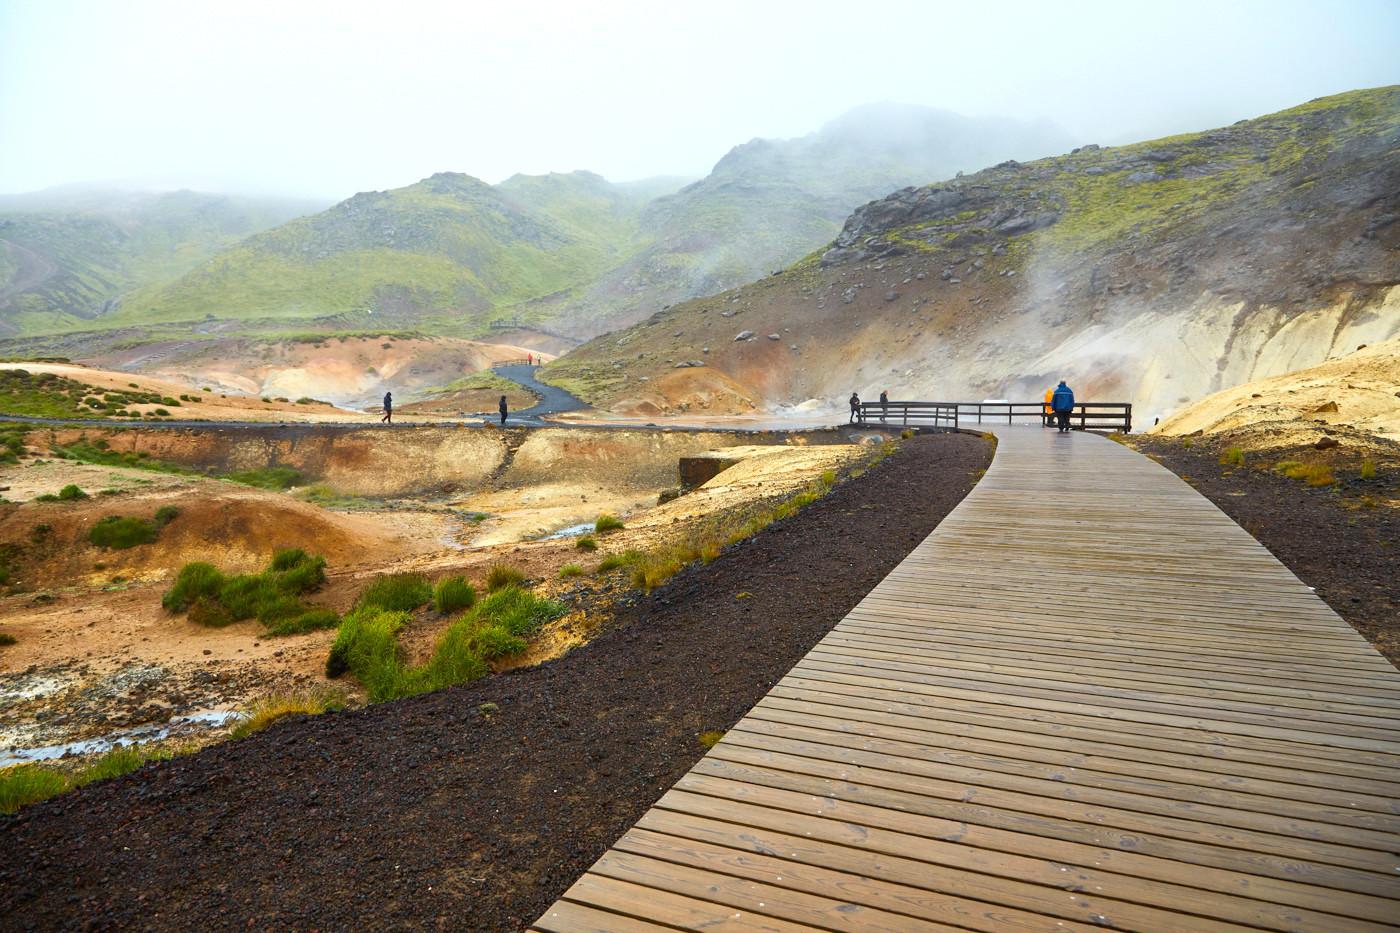 Krysuvik, Geothermalgebiet, geothermal area, Island, Iceland, buntes Gestein, Schwefelgestein, Roadtrip, Rundreise, Reiseblogger, Travelblogger, Miles and Shores, vulkanisch, Weg, Bretterweg